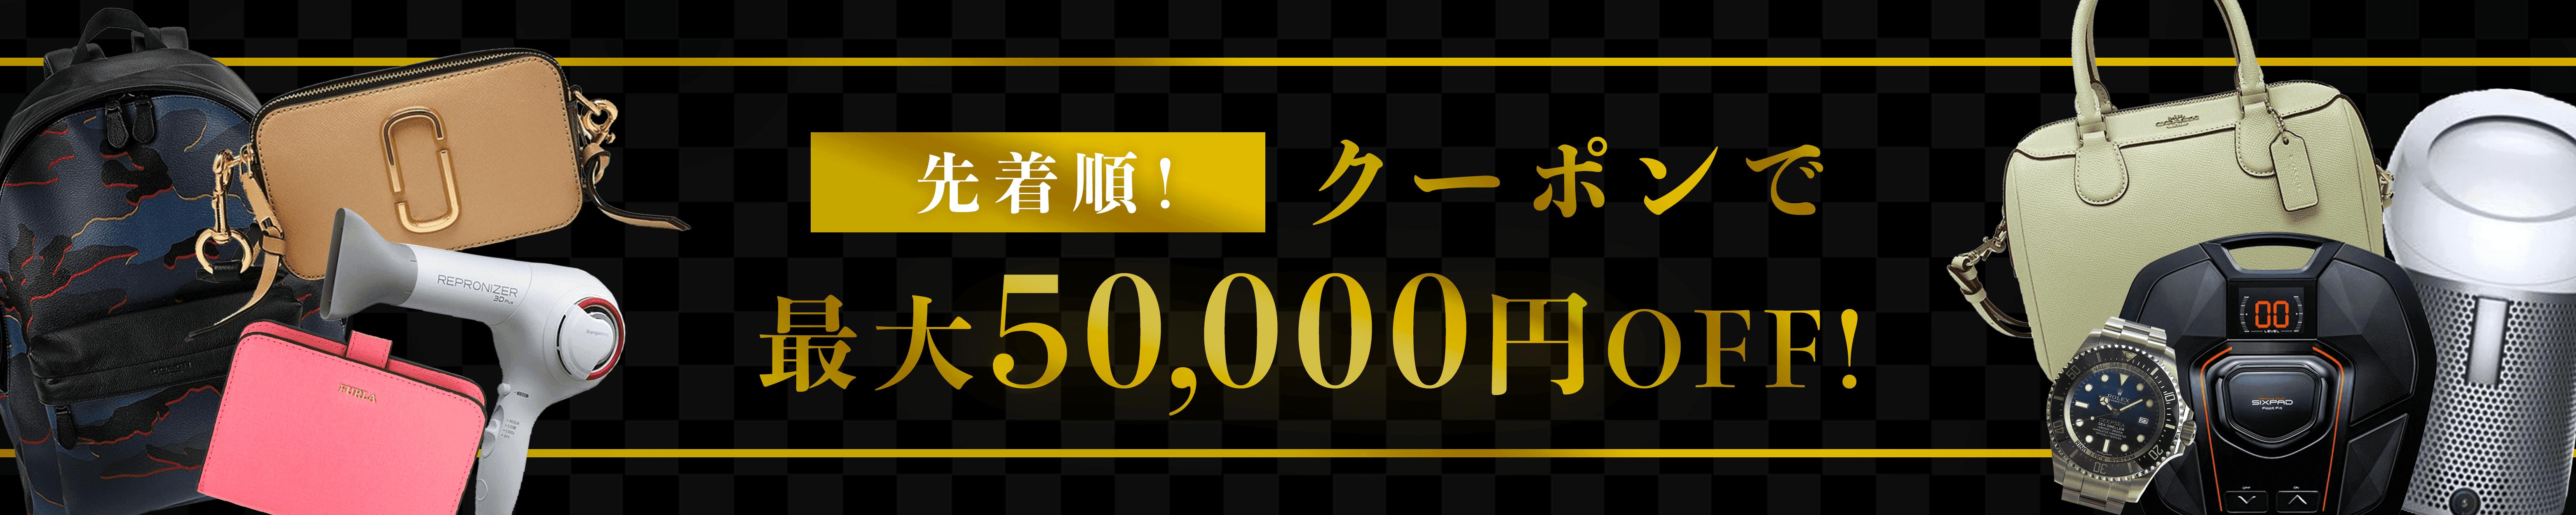 先着順! クーポンで最大50,000円OFF!